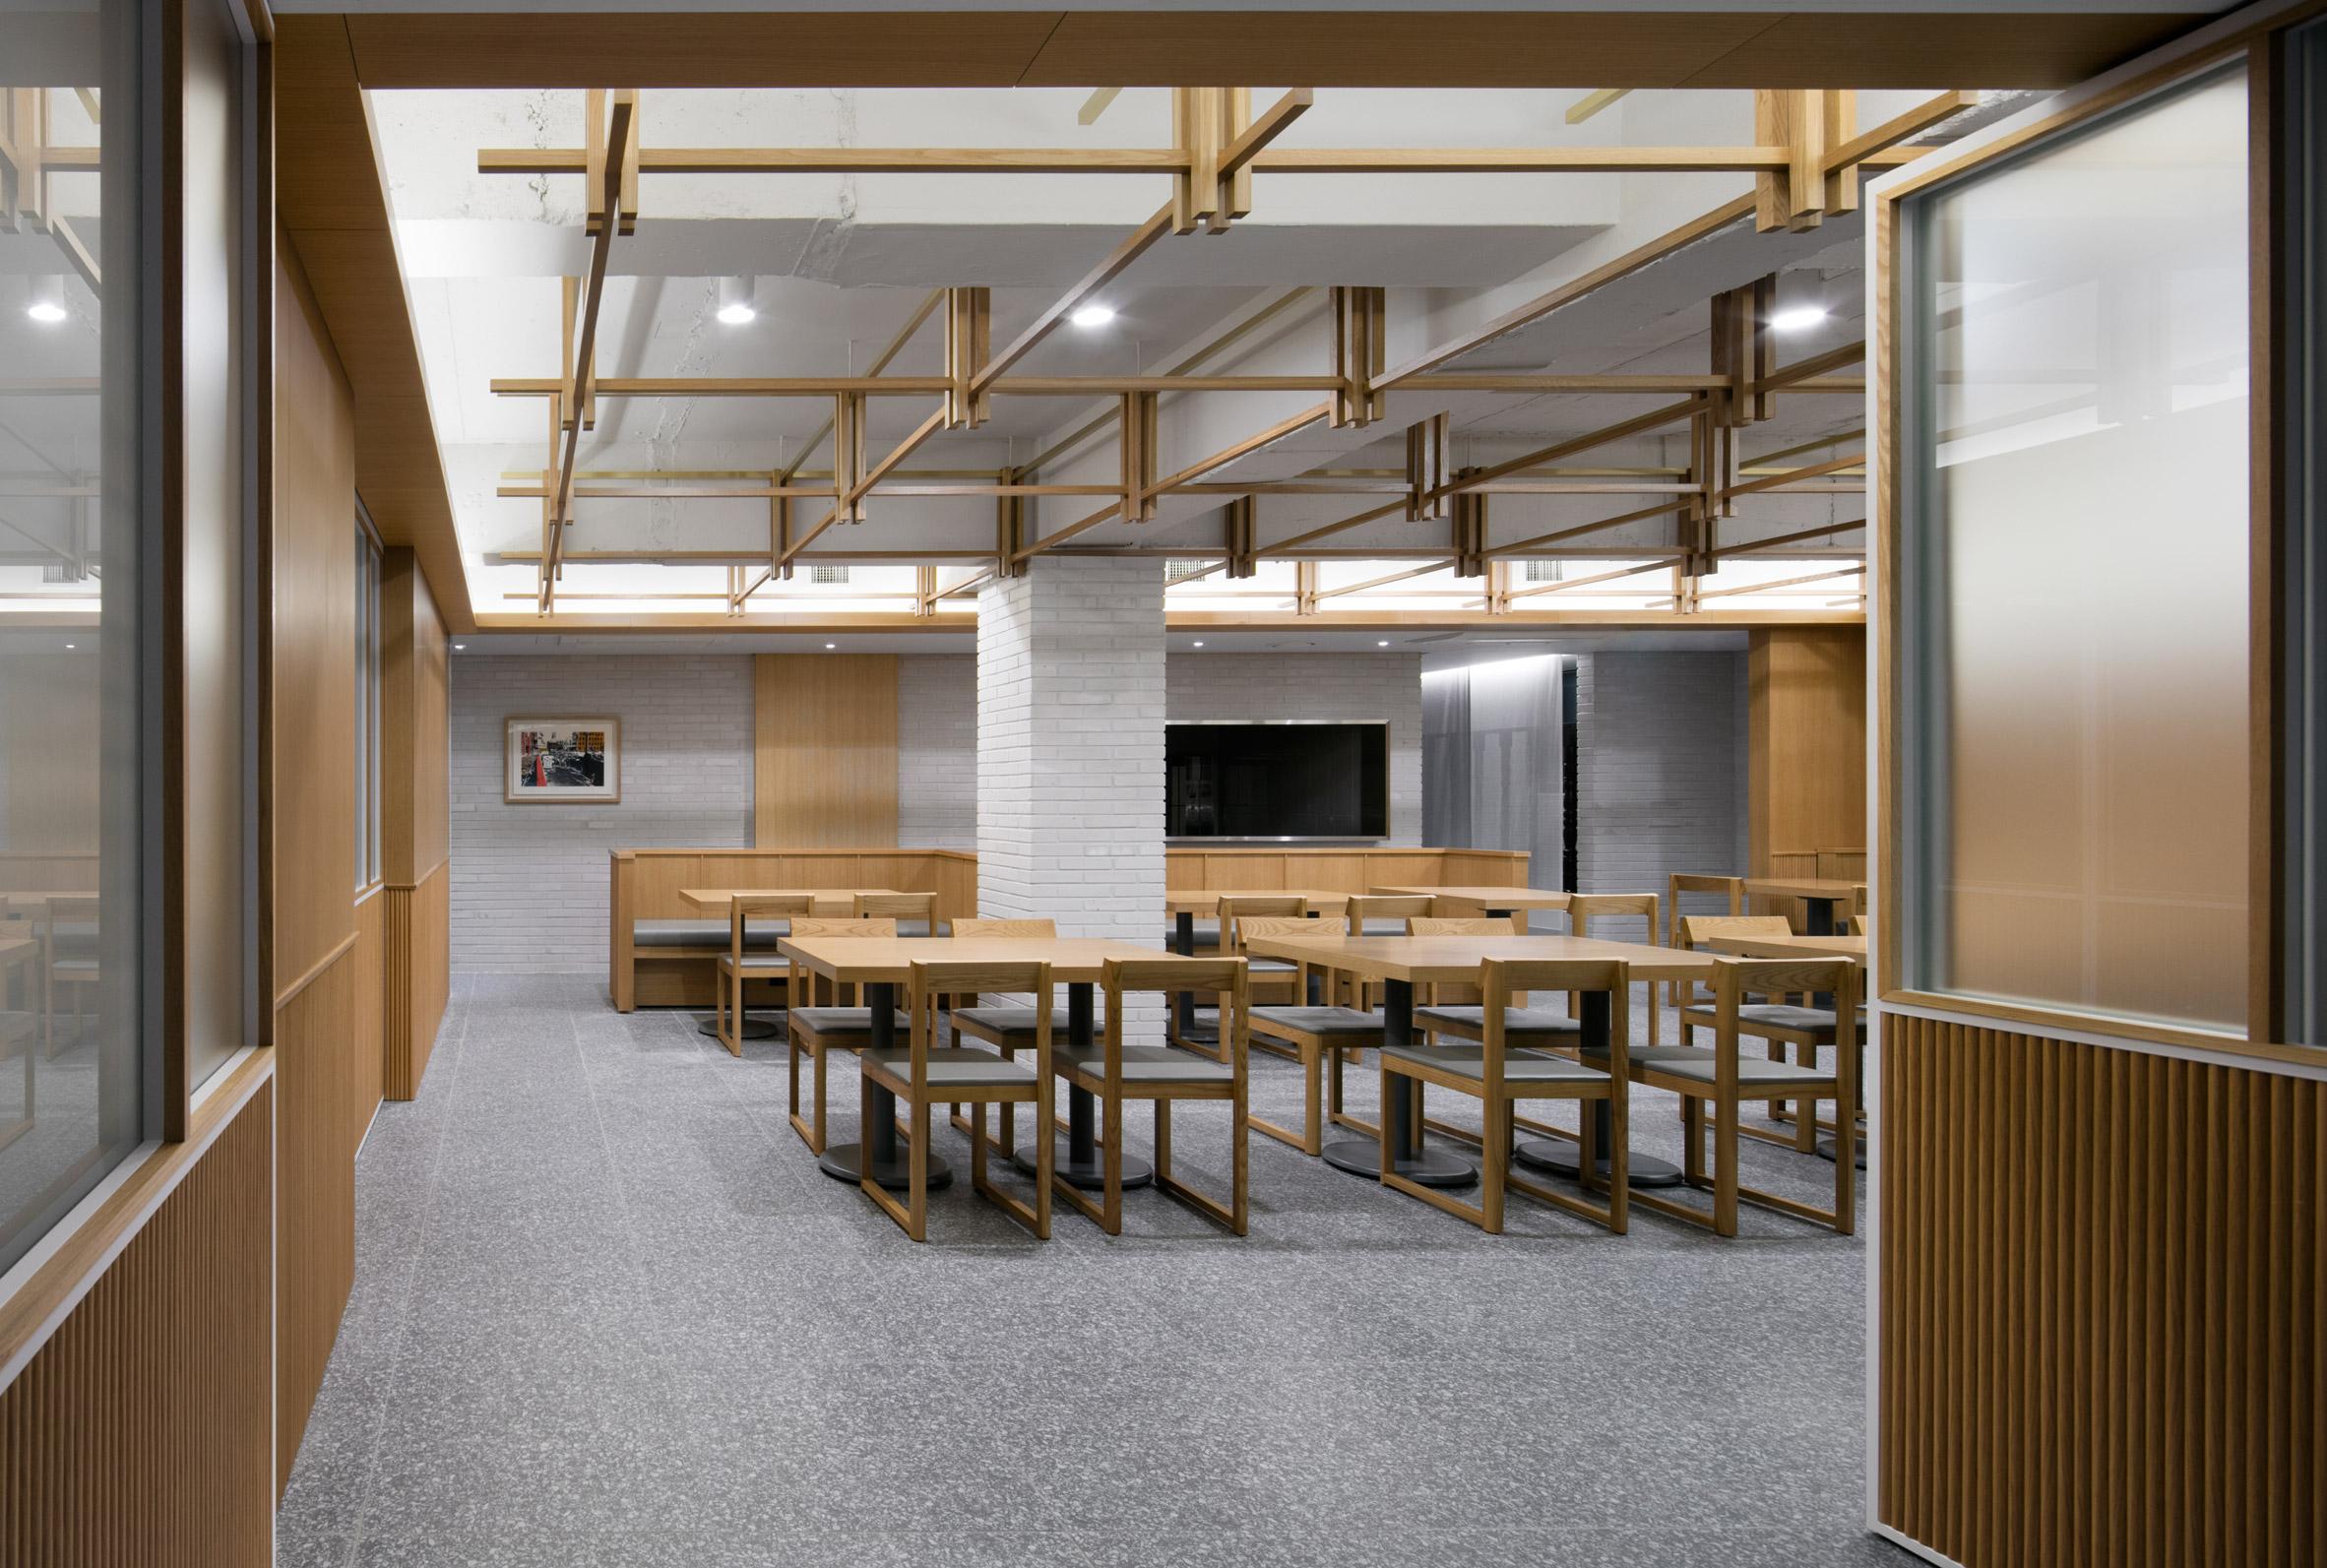 Thiết kế nội thất nhà hàng hàn quốc 9